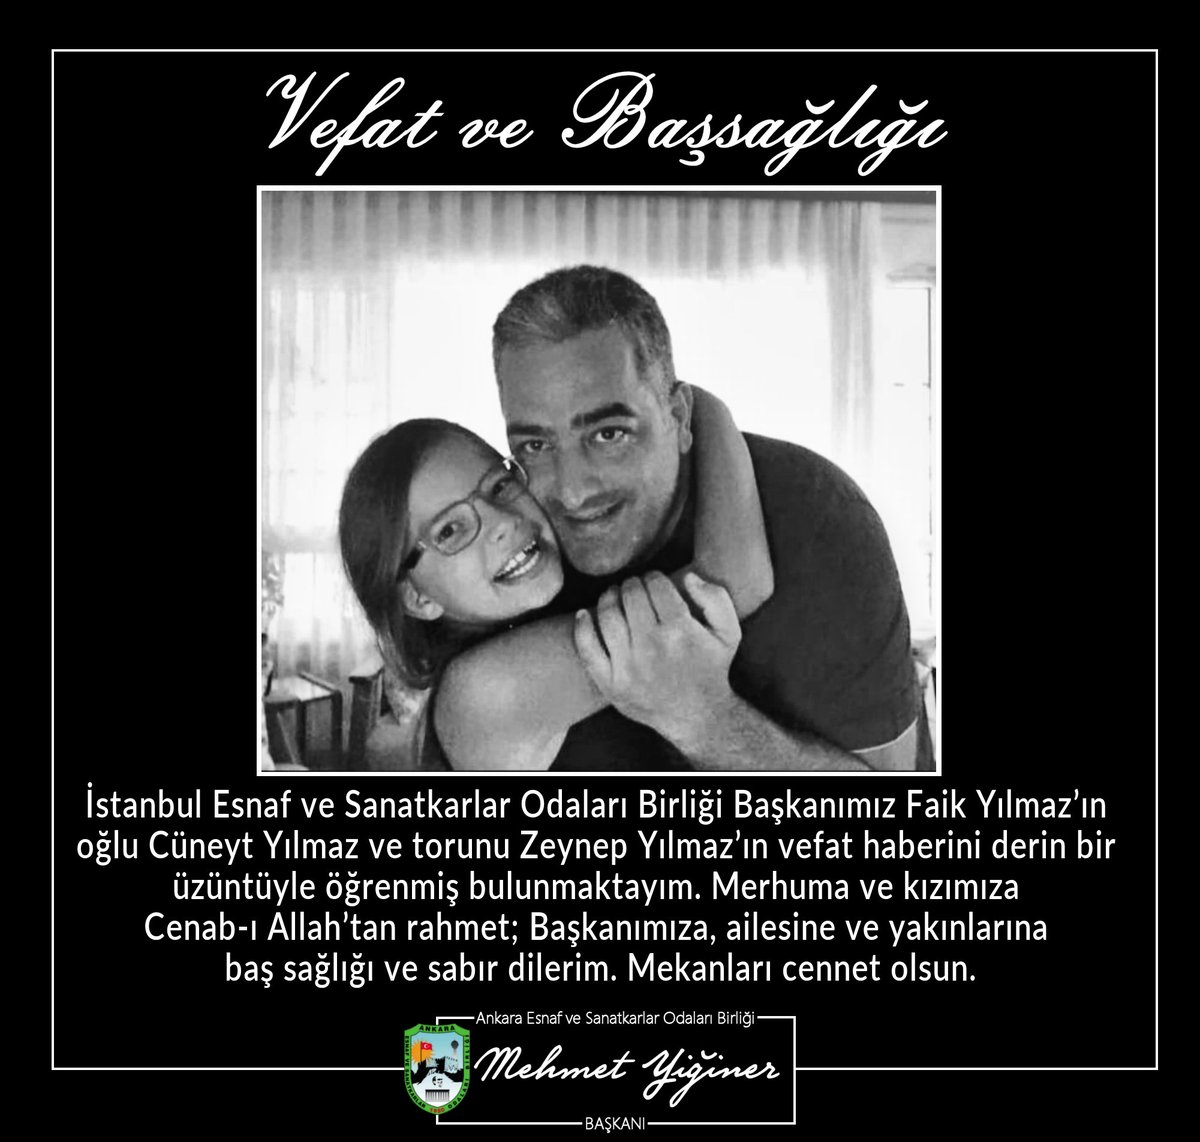 """Mehmet Yiğiner on Twitter: """".@istesob Başkanımız Faik Yılmaz'ın oğlu Cüneyt  Yılmaz ve torunu Zeynep Yılmaz'ın vefat haberini derin bir üzüntüyle  öğrenmiş bulunmaktayım. Merhuma ve kızımıza Cenab-ı Allah'tan rahmet;  Başkanımıza, ailesine ve yakınlarına"""